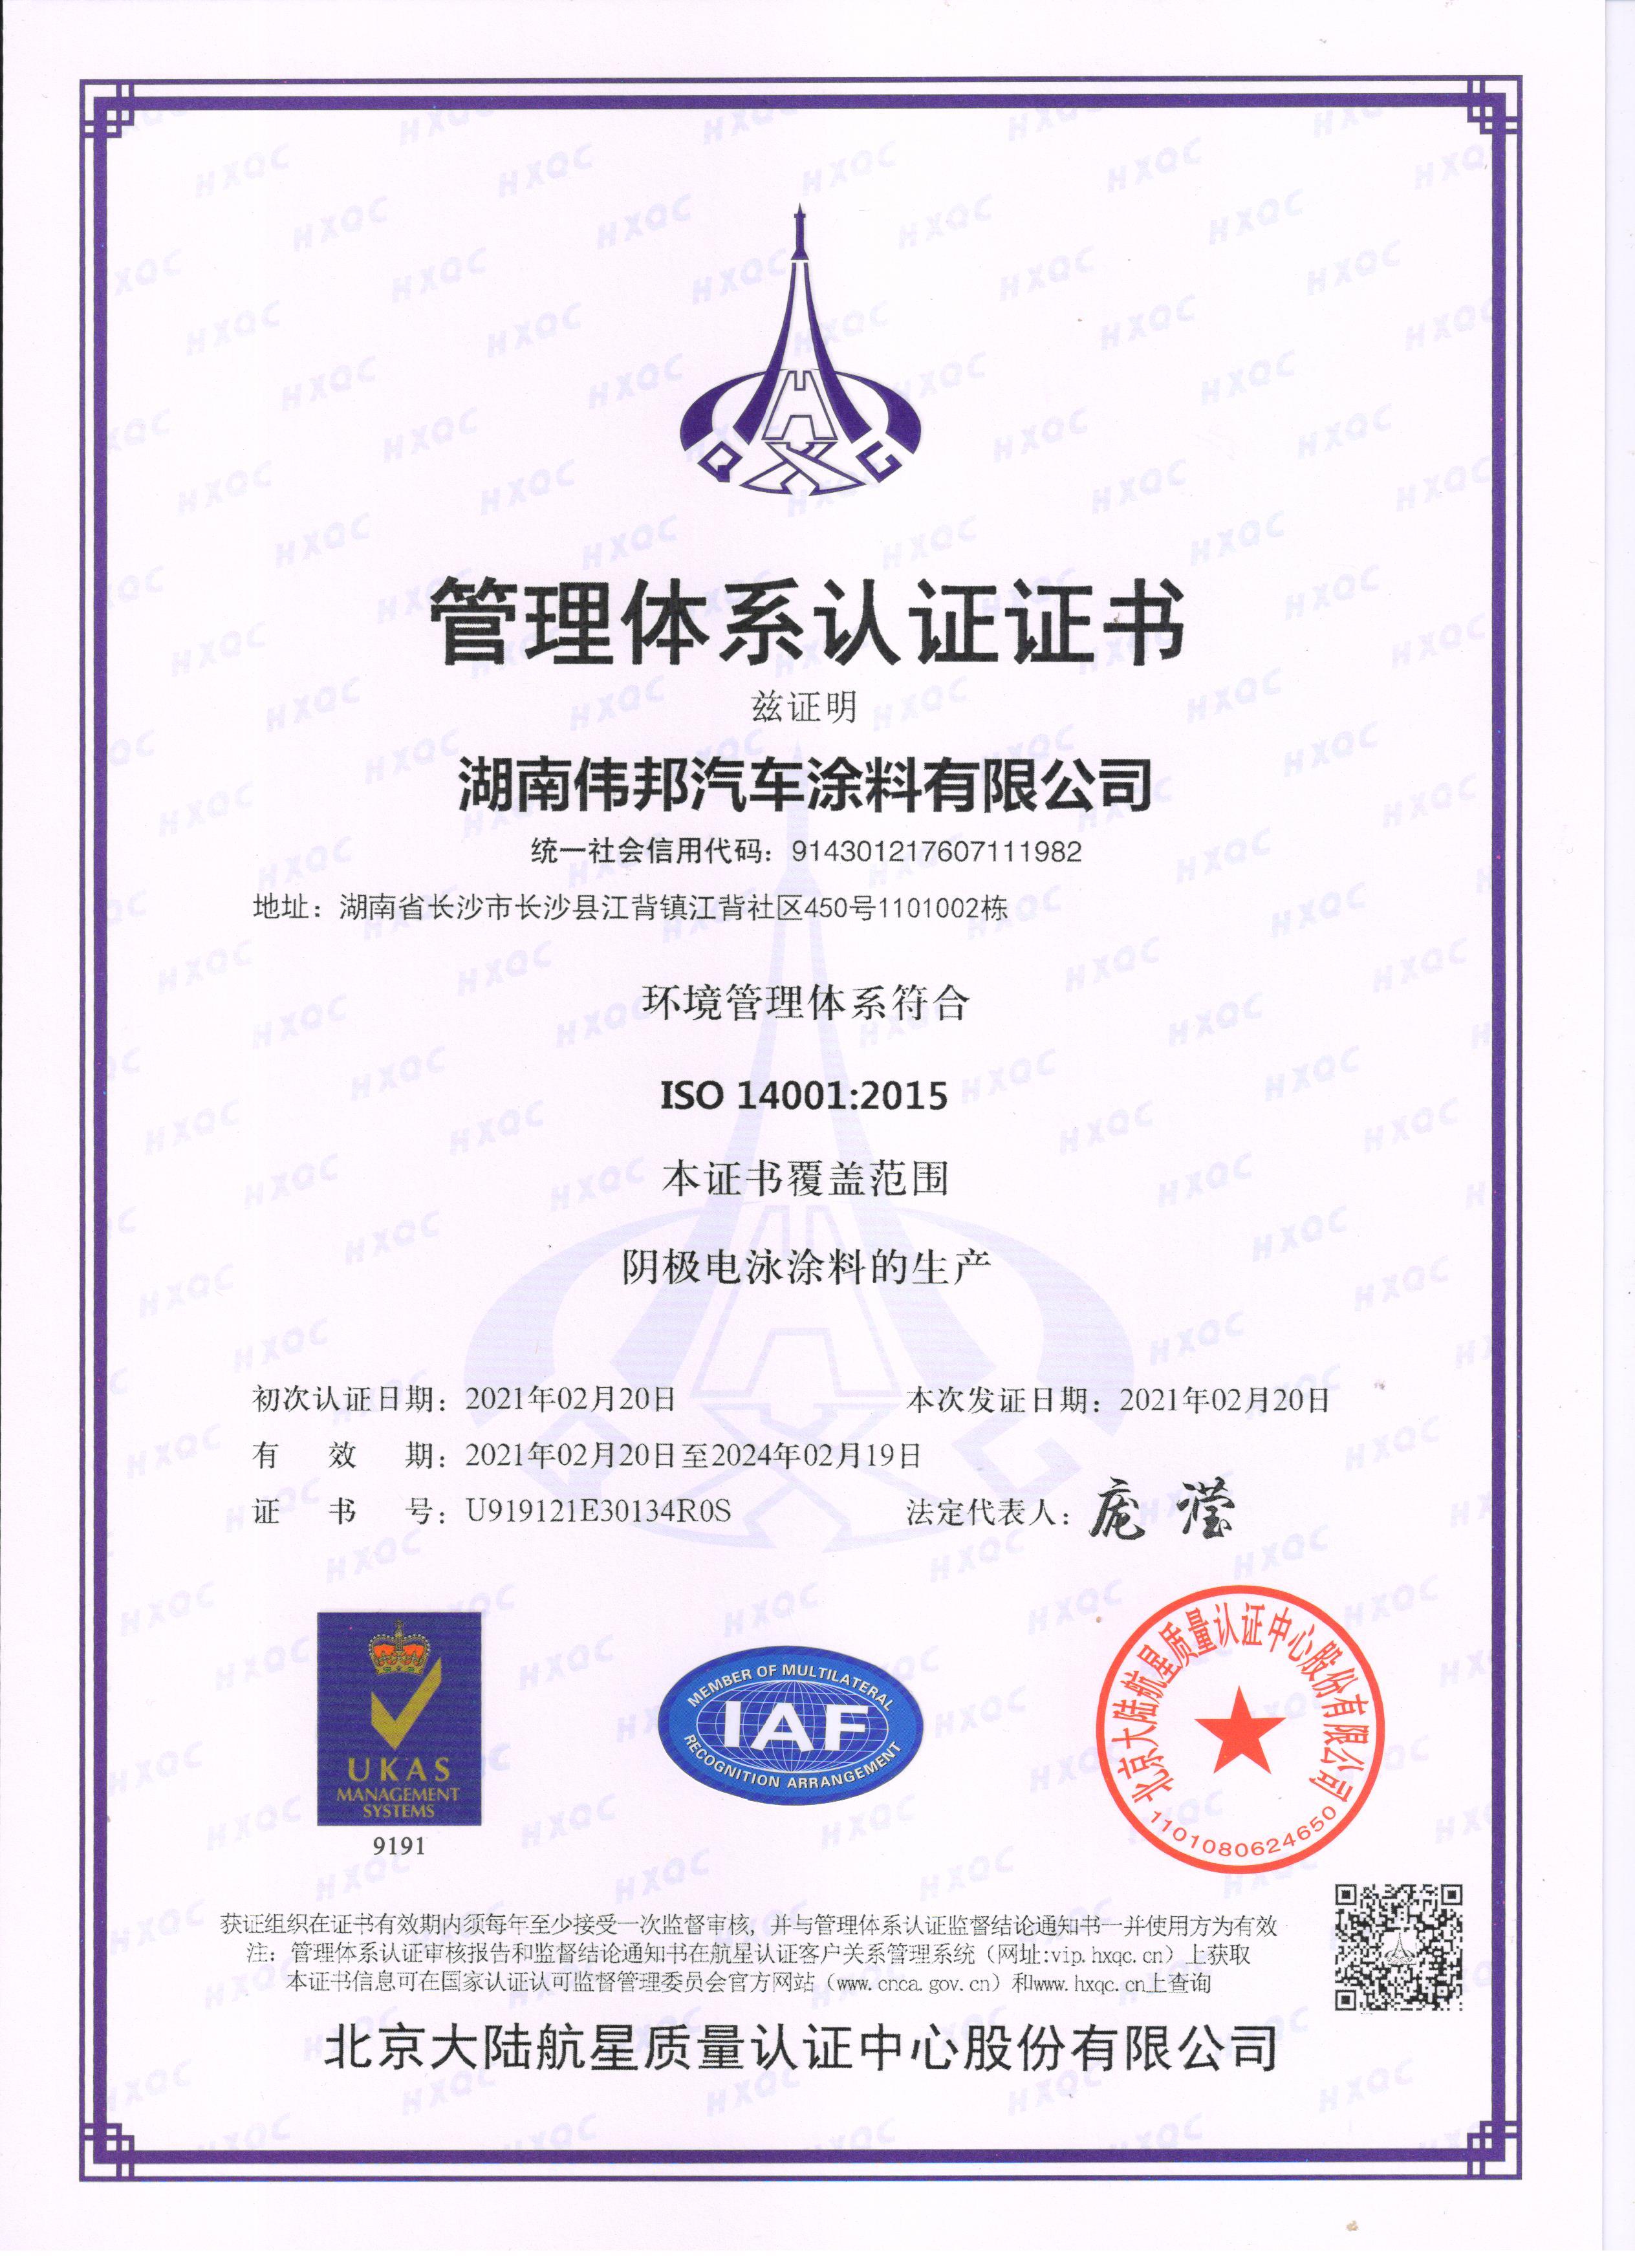 环境管理体系认证(中文)